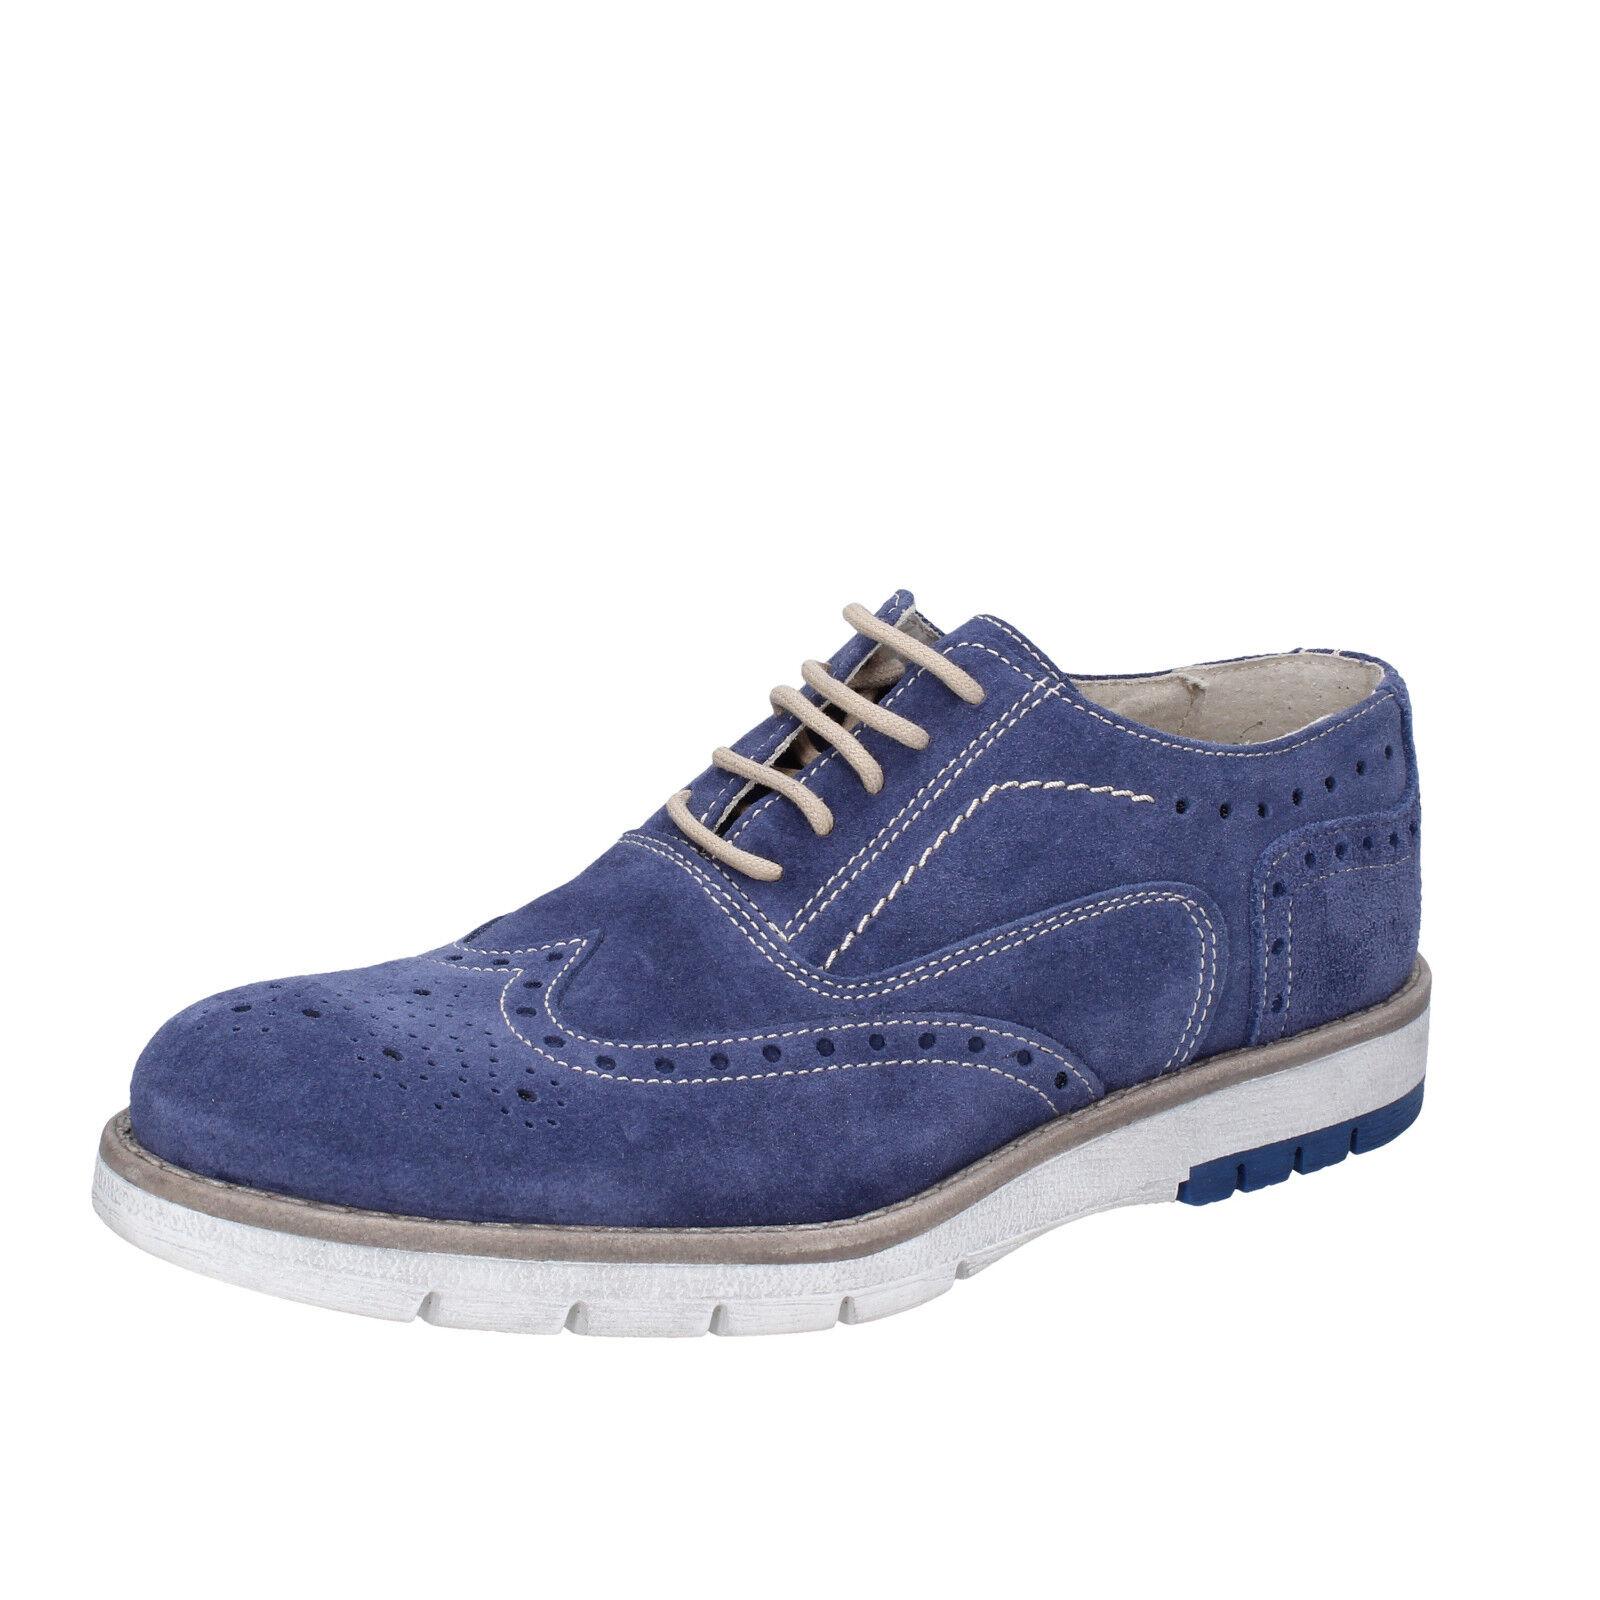 sconto di vendita Scarpe Scarpe Scarpe uomo OSSIANI 40 EU classiche blu camoscio BT855-40  acquistare ora